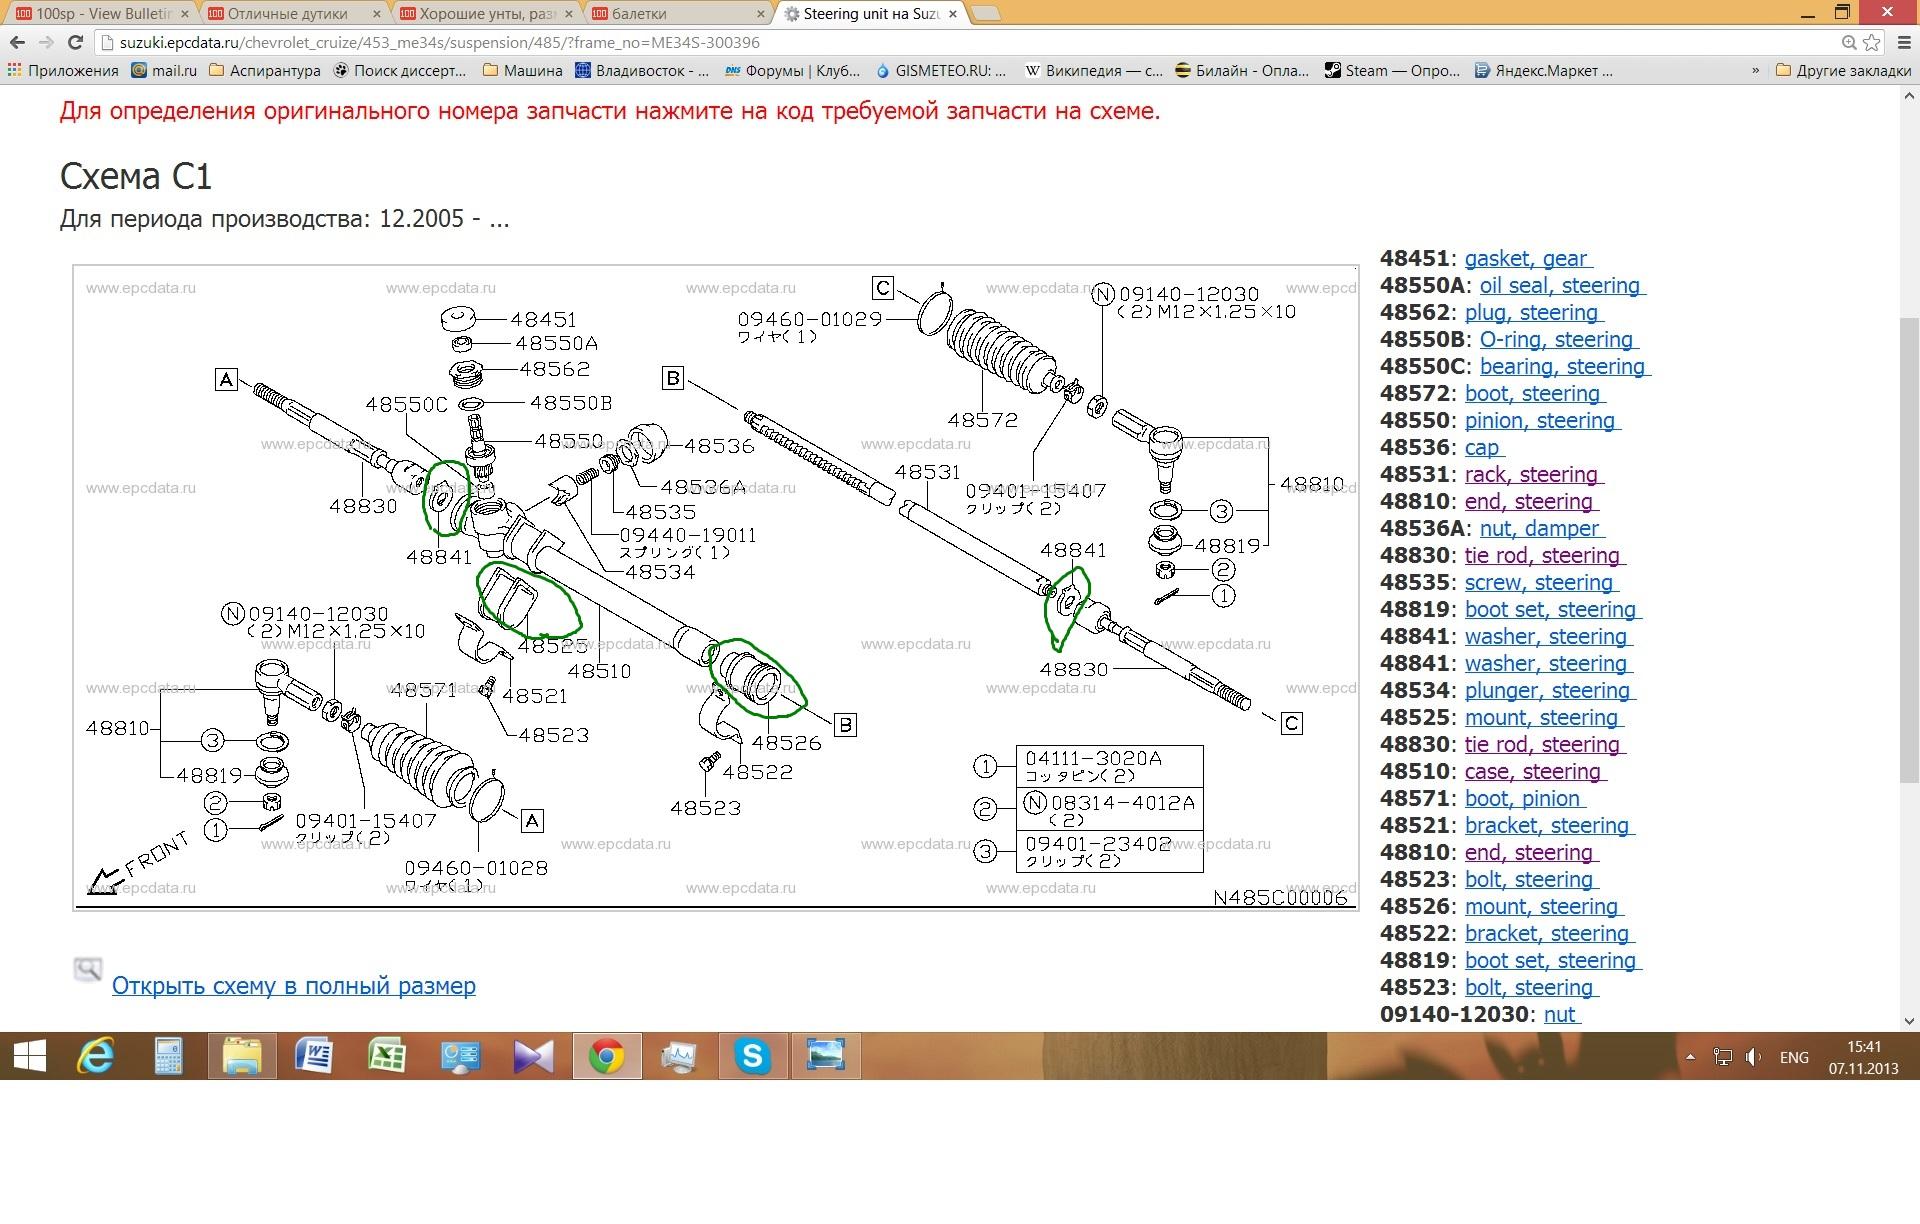 Схема рейки3.jpg